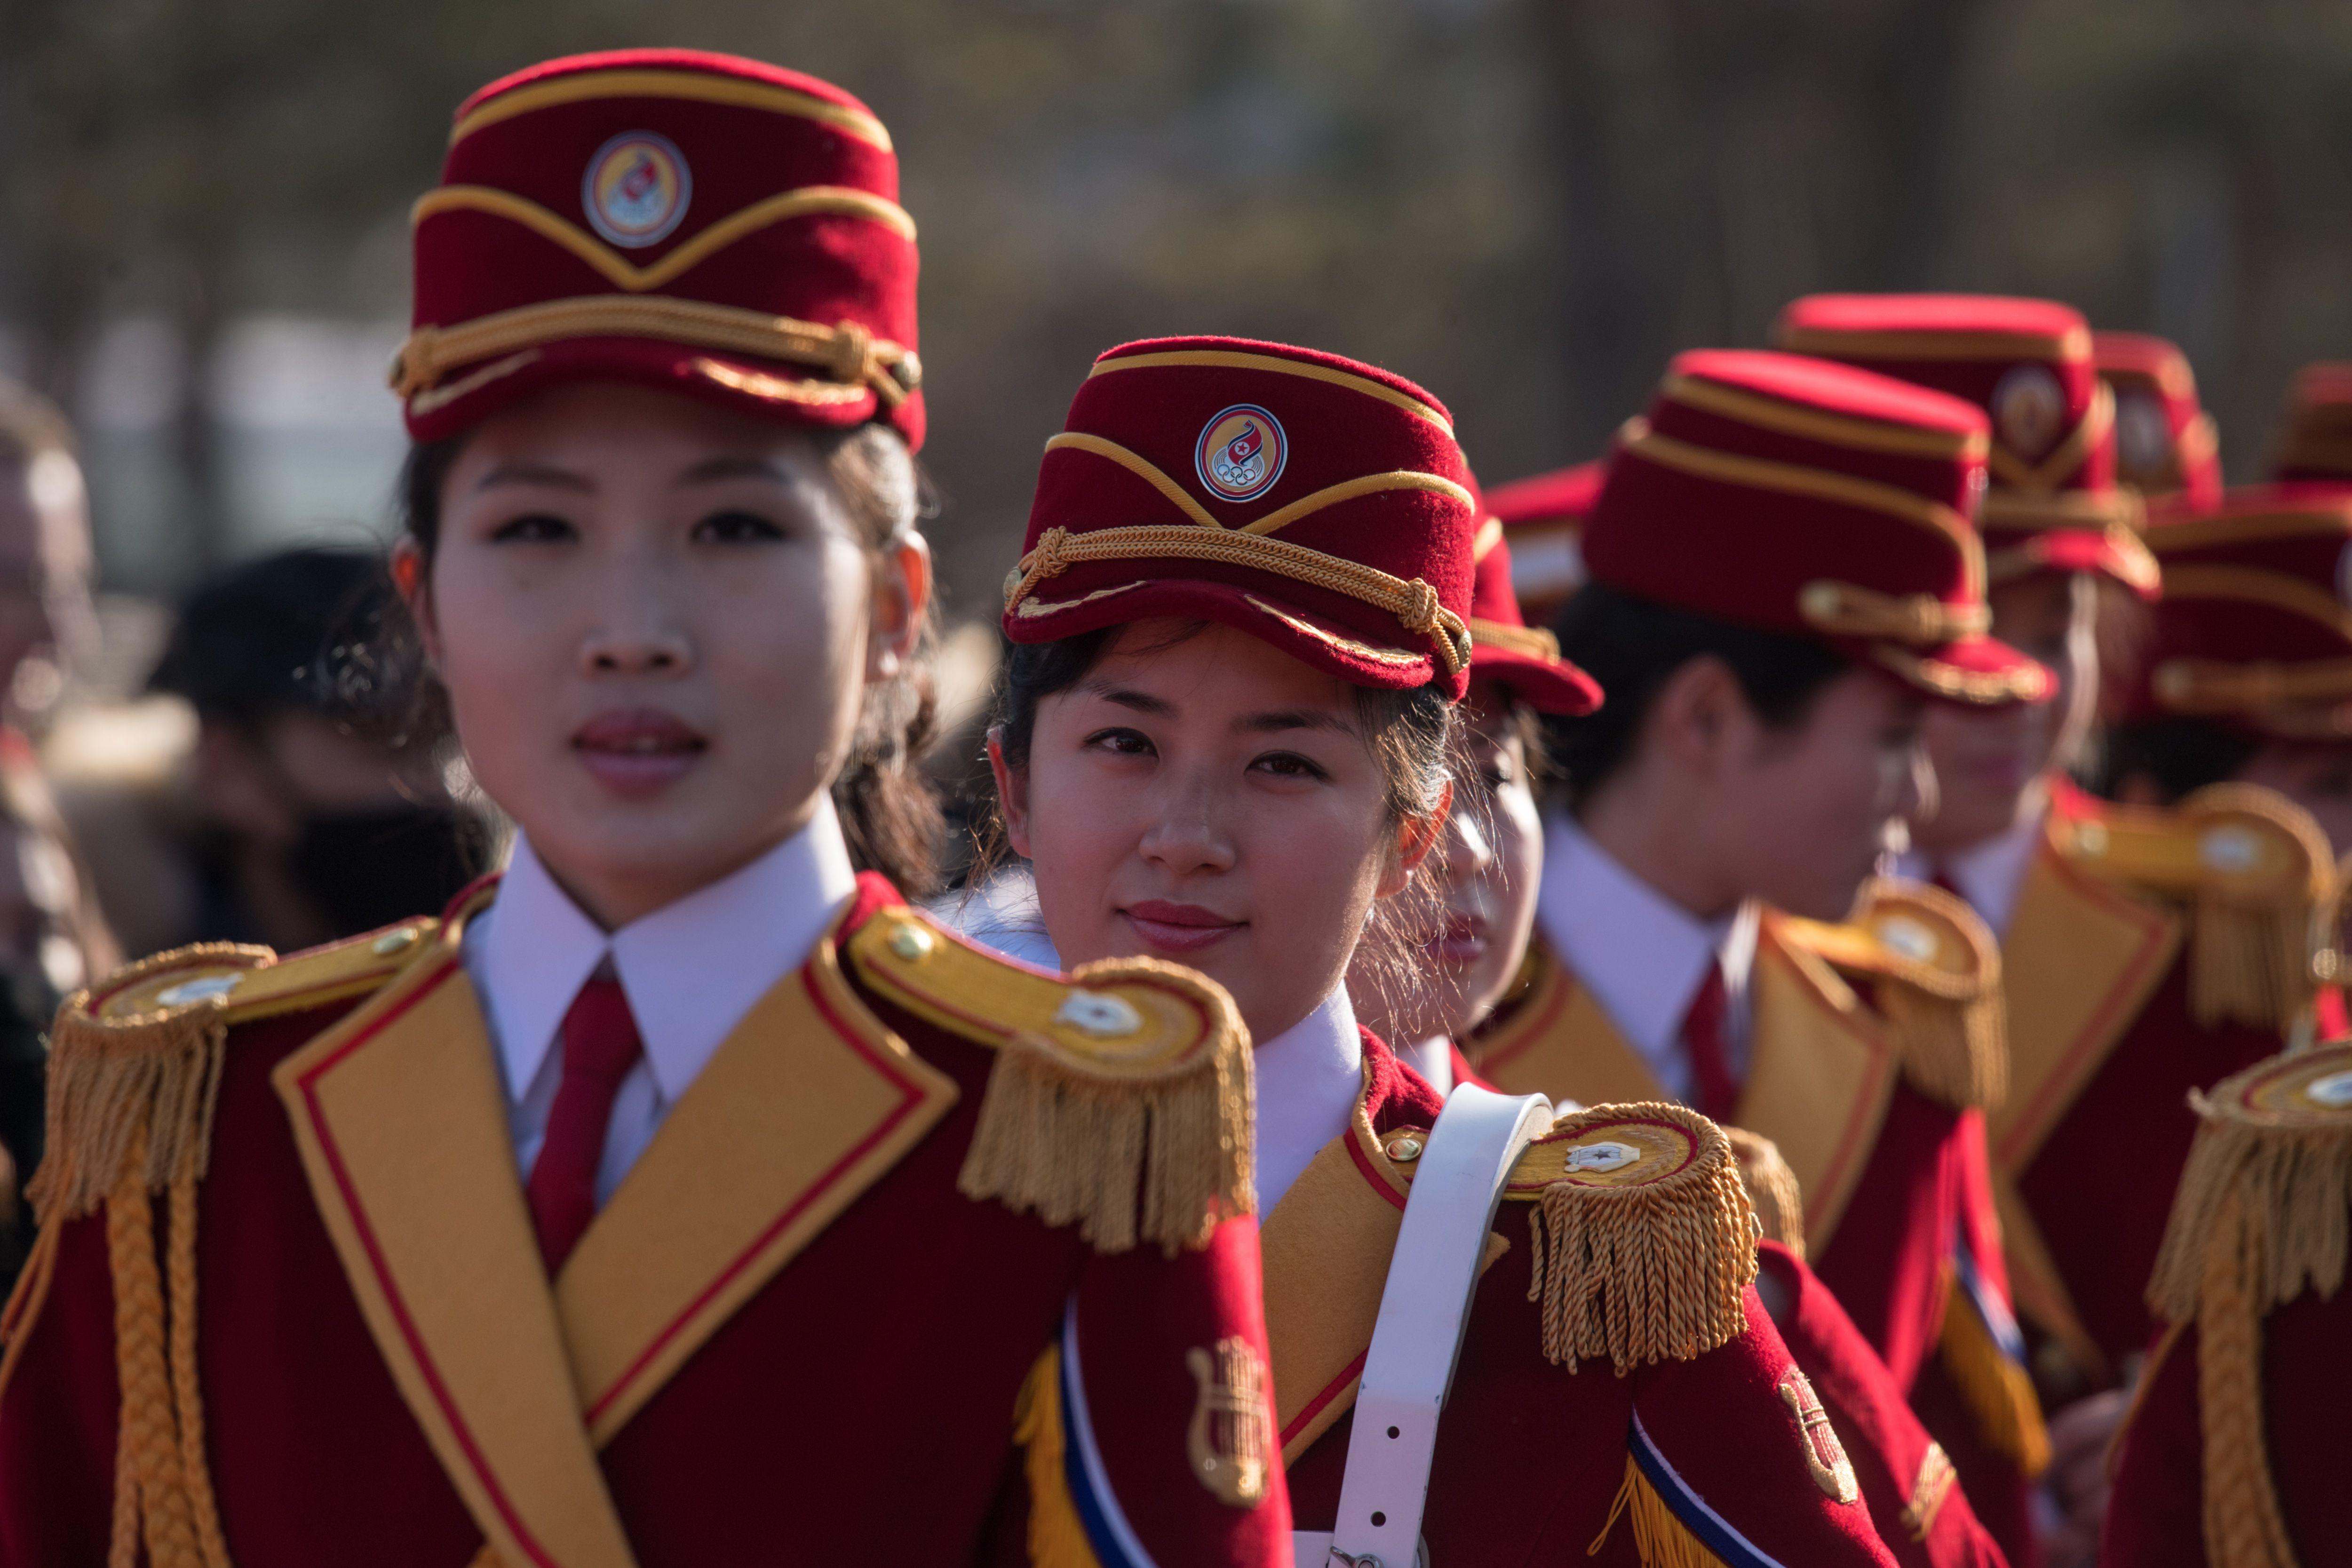 جميلات كوريا الشمالية